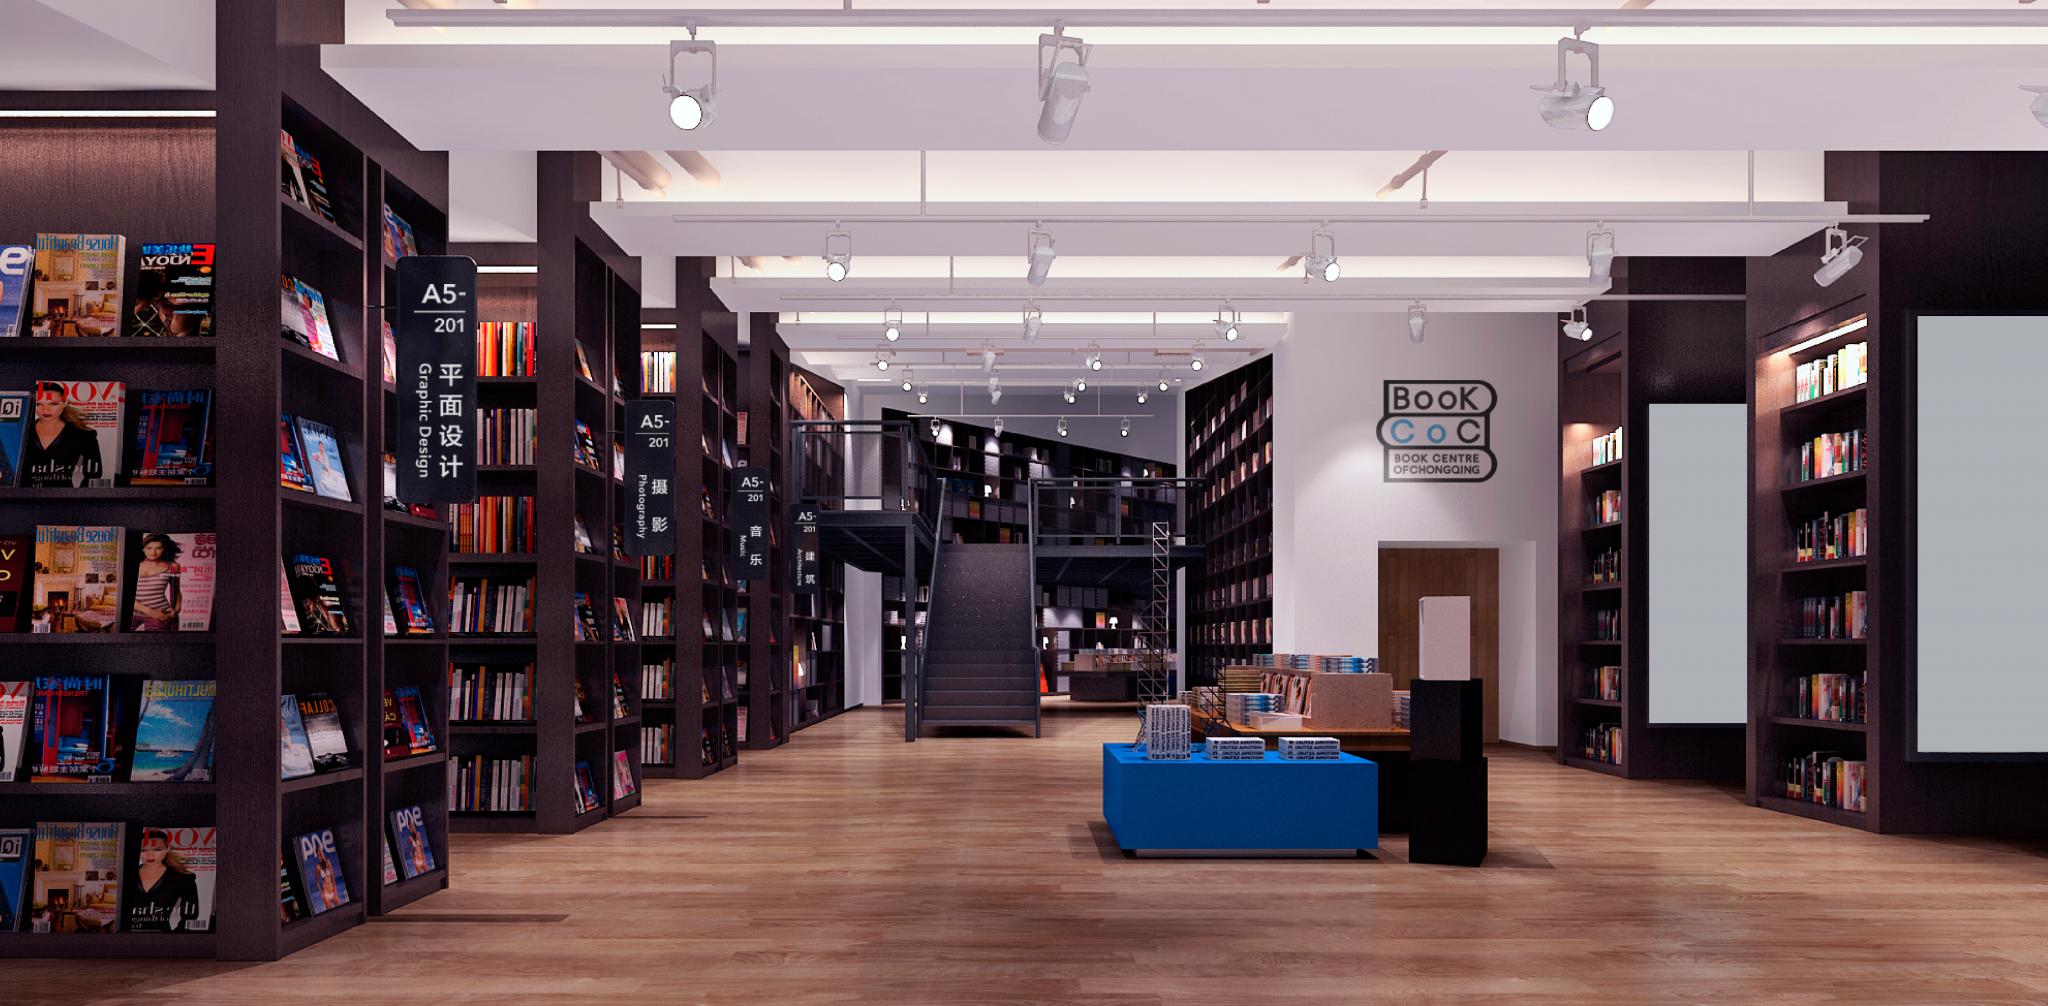 vi整理 购书中心-21